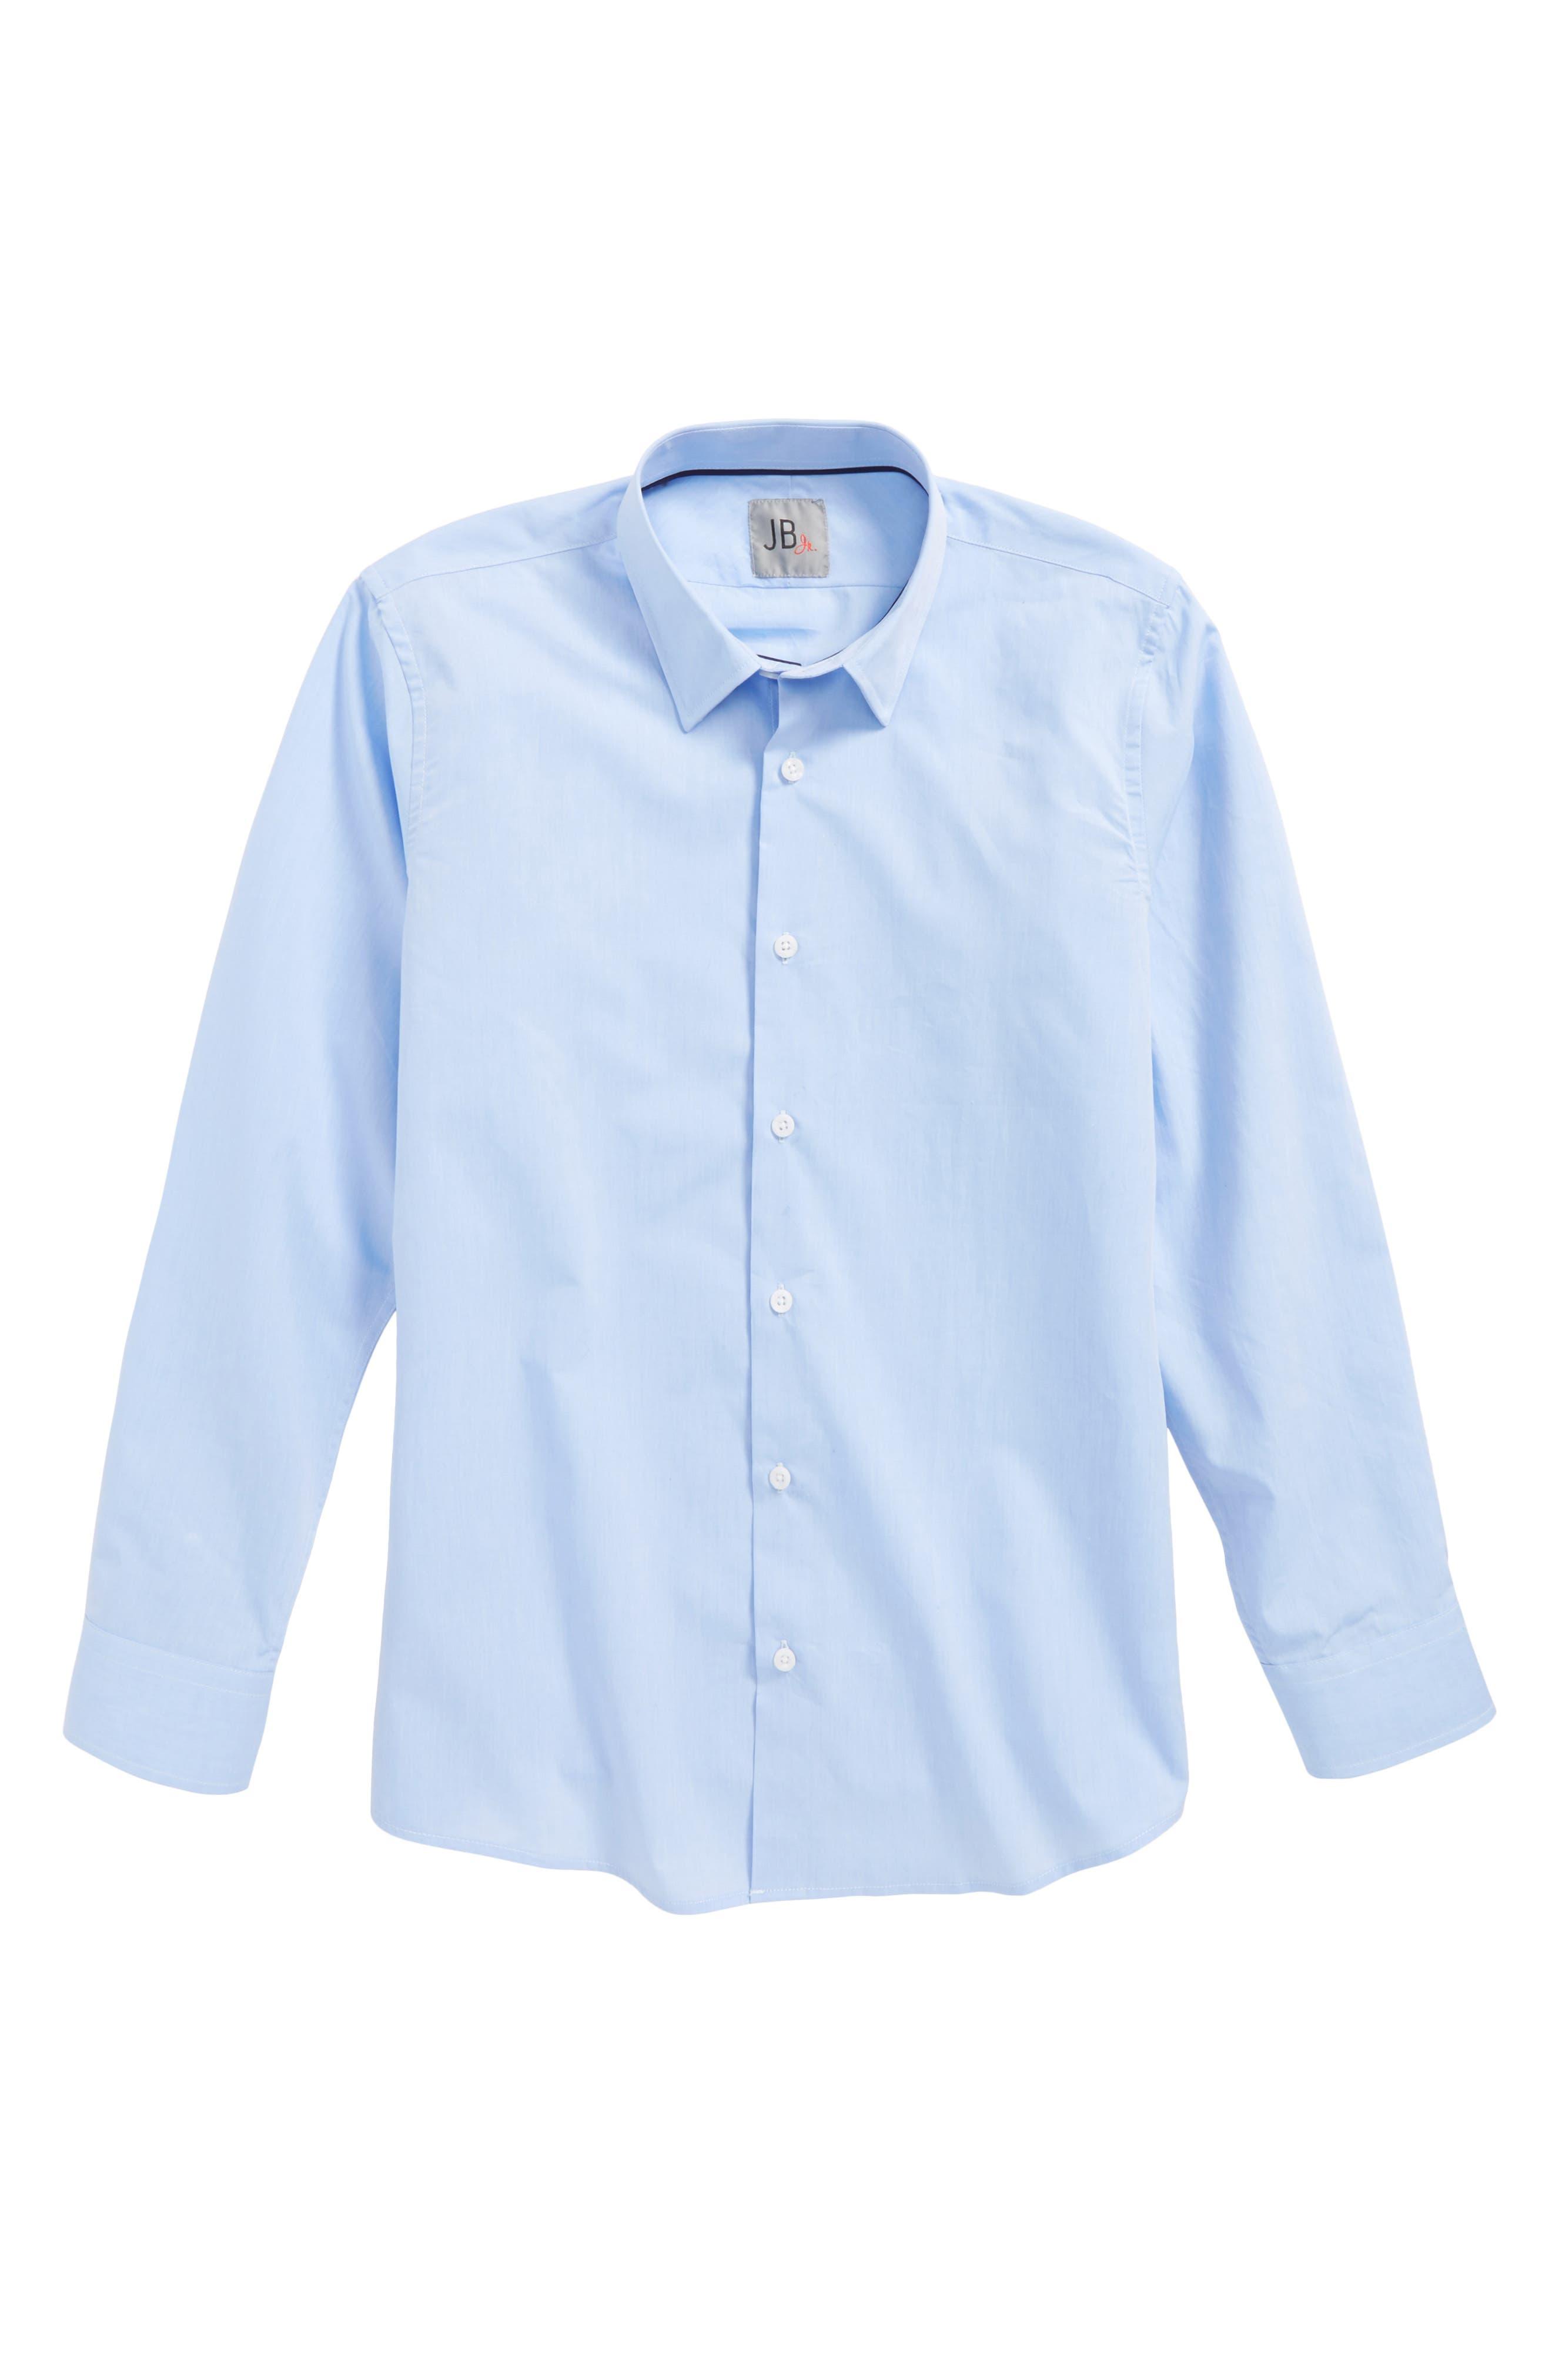 Solid Dress Shirt,                             Main thumbnail 1, color,                             430